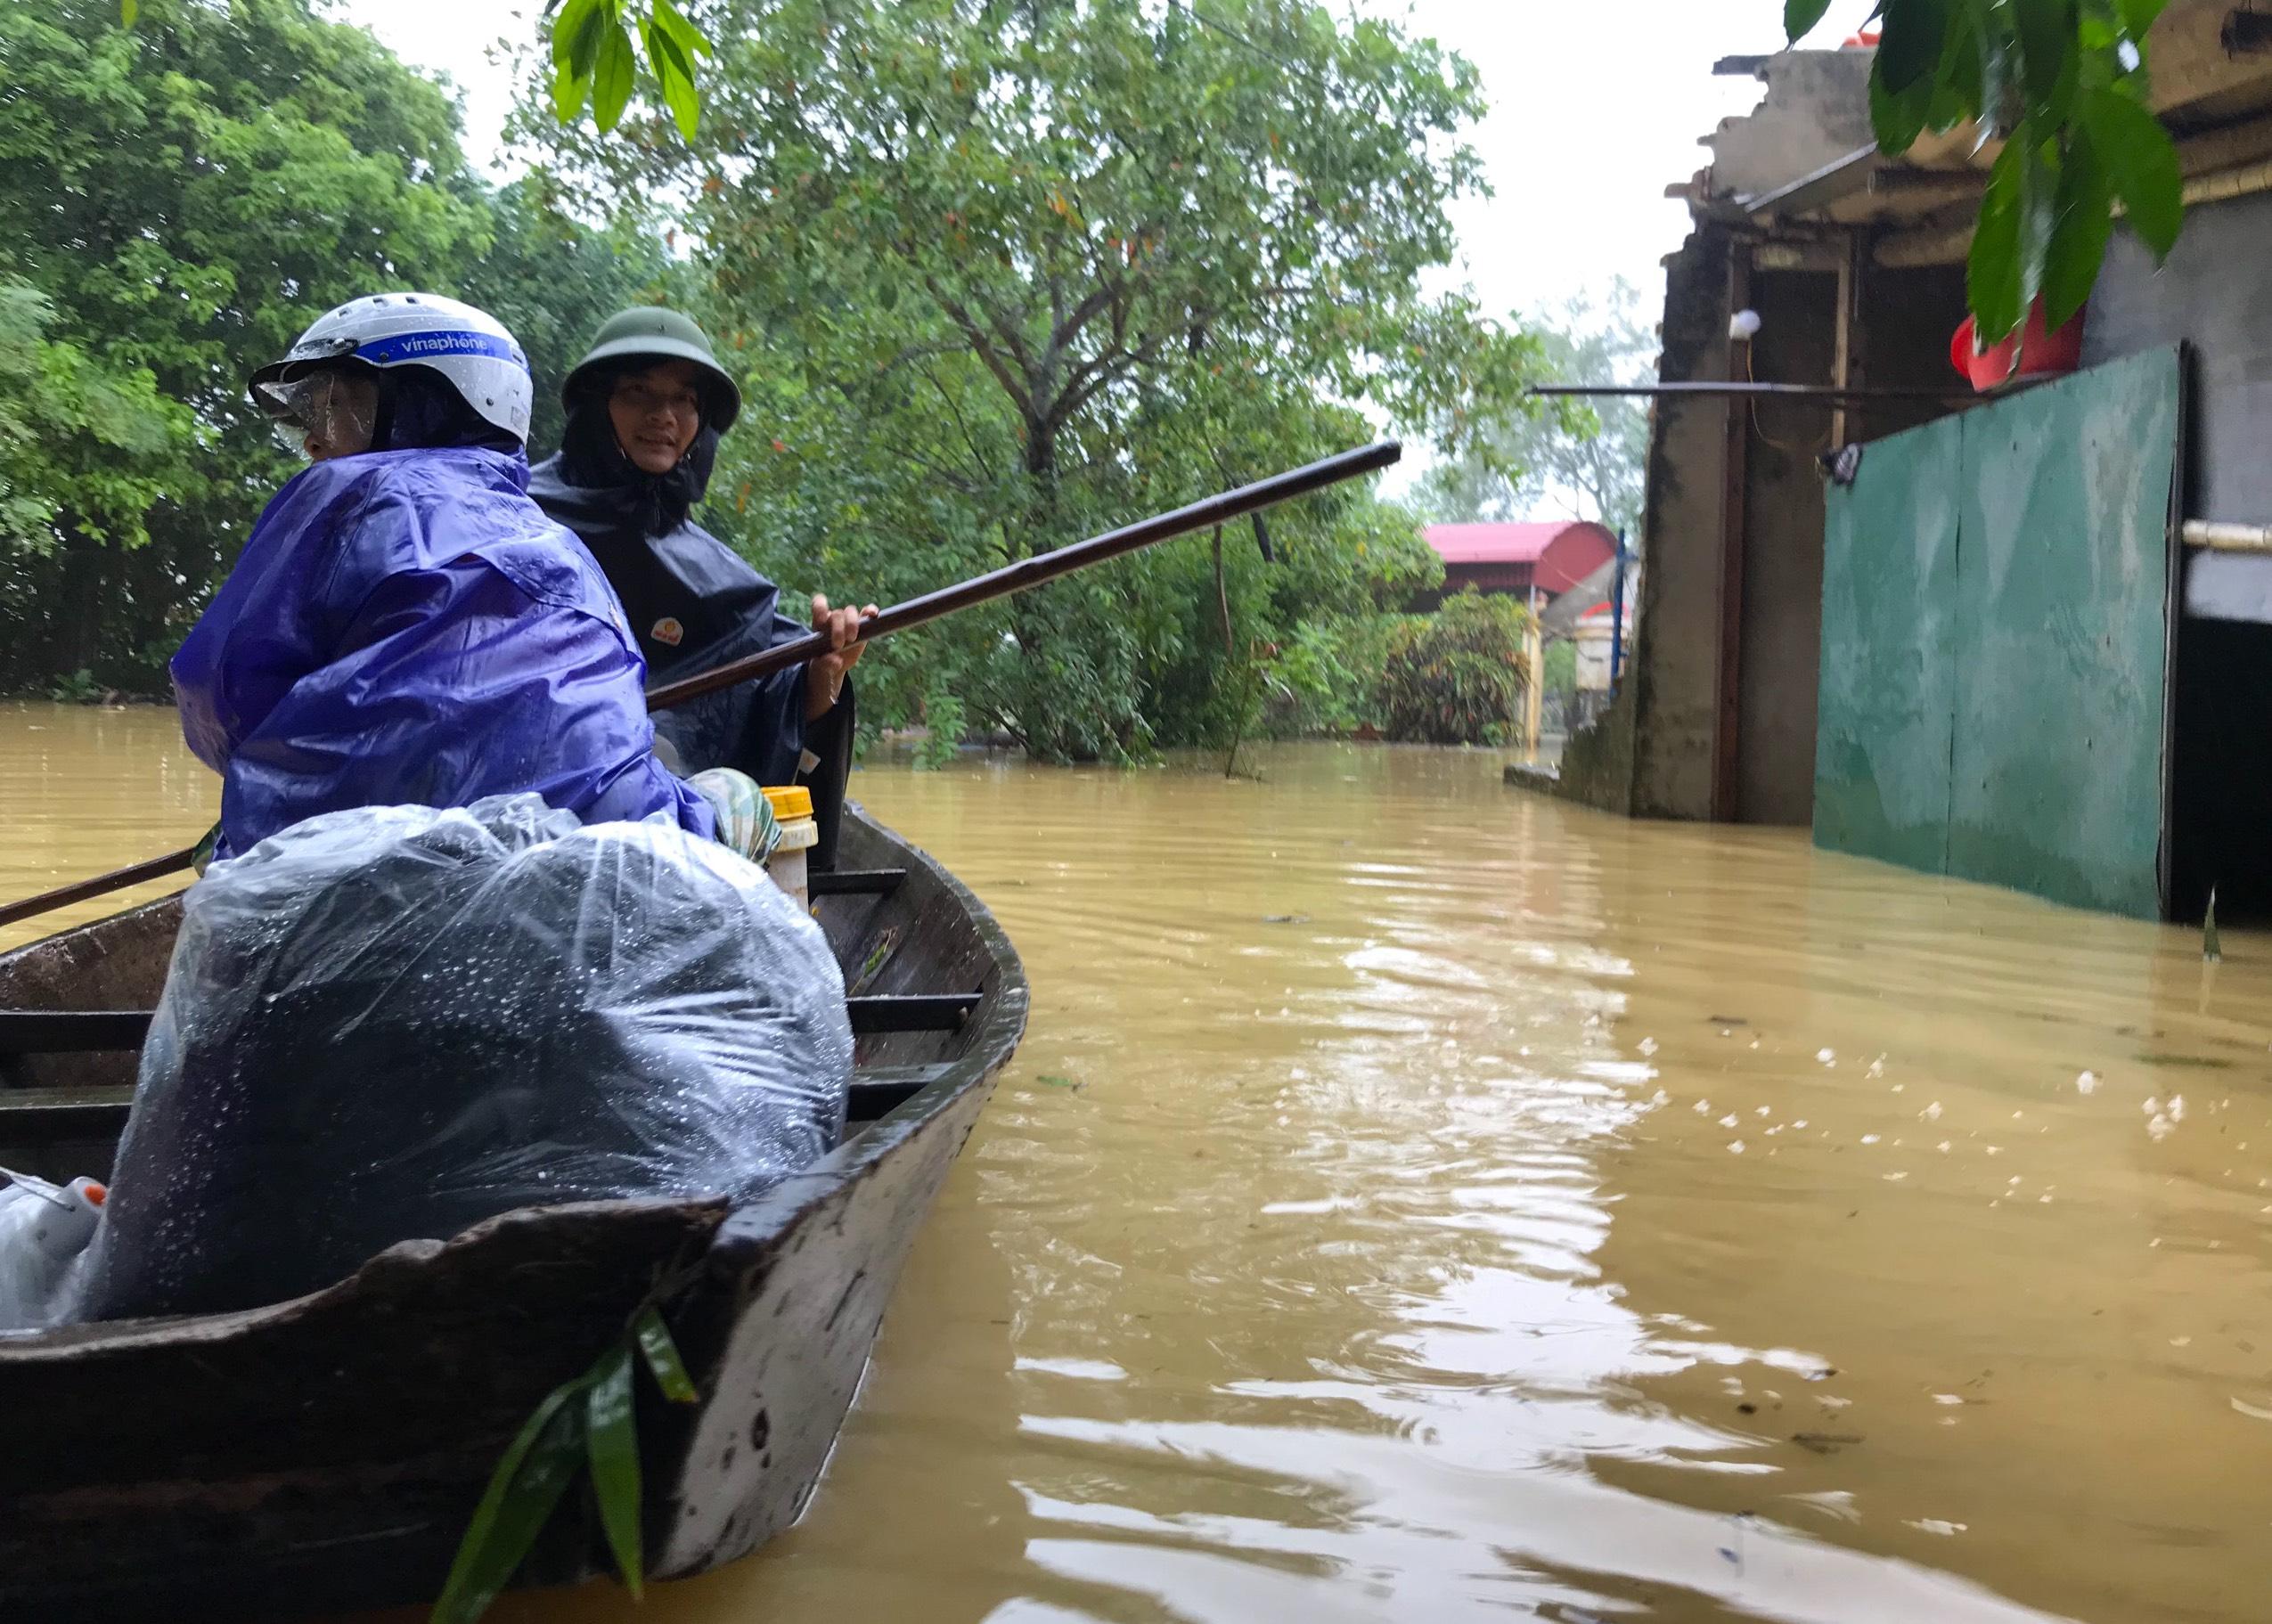 Nghệ An: Người dân ven sông phải lên đê dựng lều cho trâu bò trú ẩn - Ảnh 9.